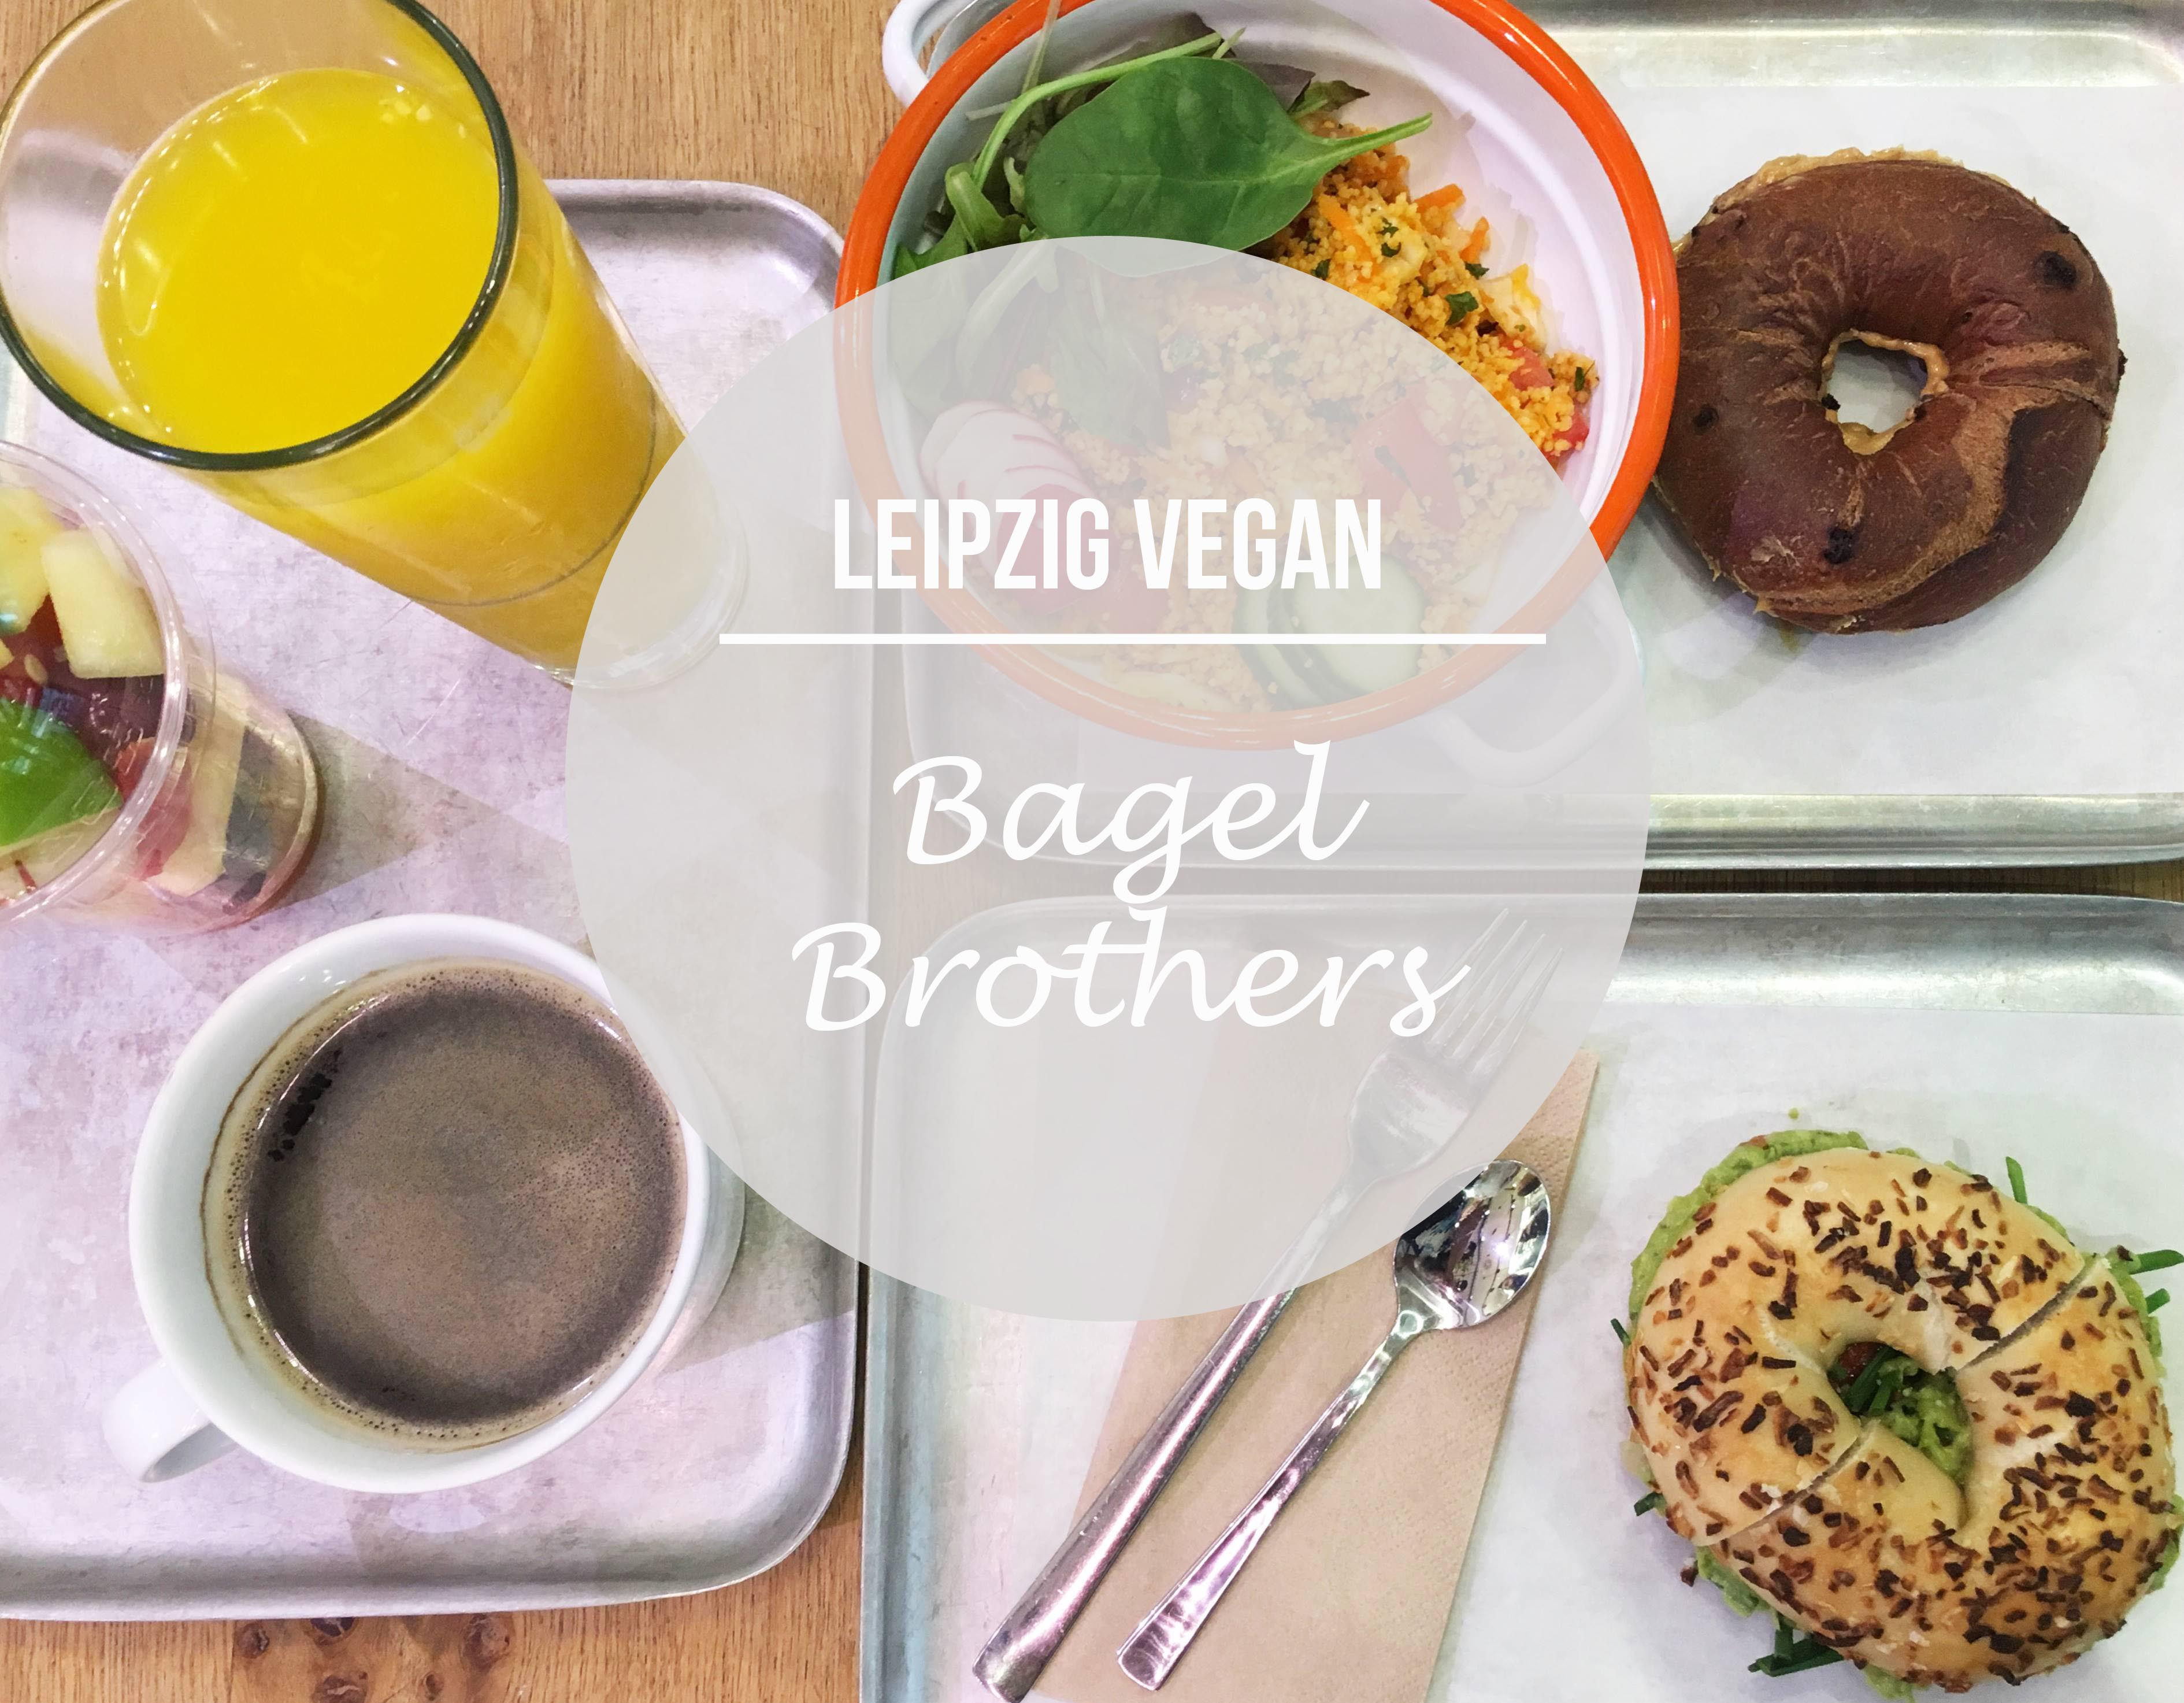 Leipzig Vegan: Bagel Brothers